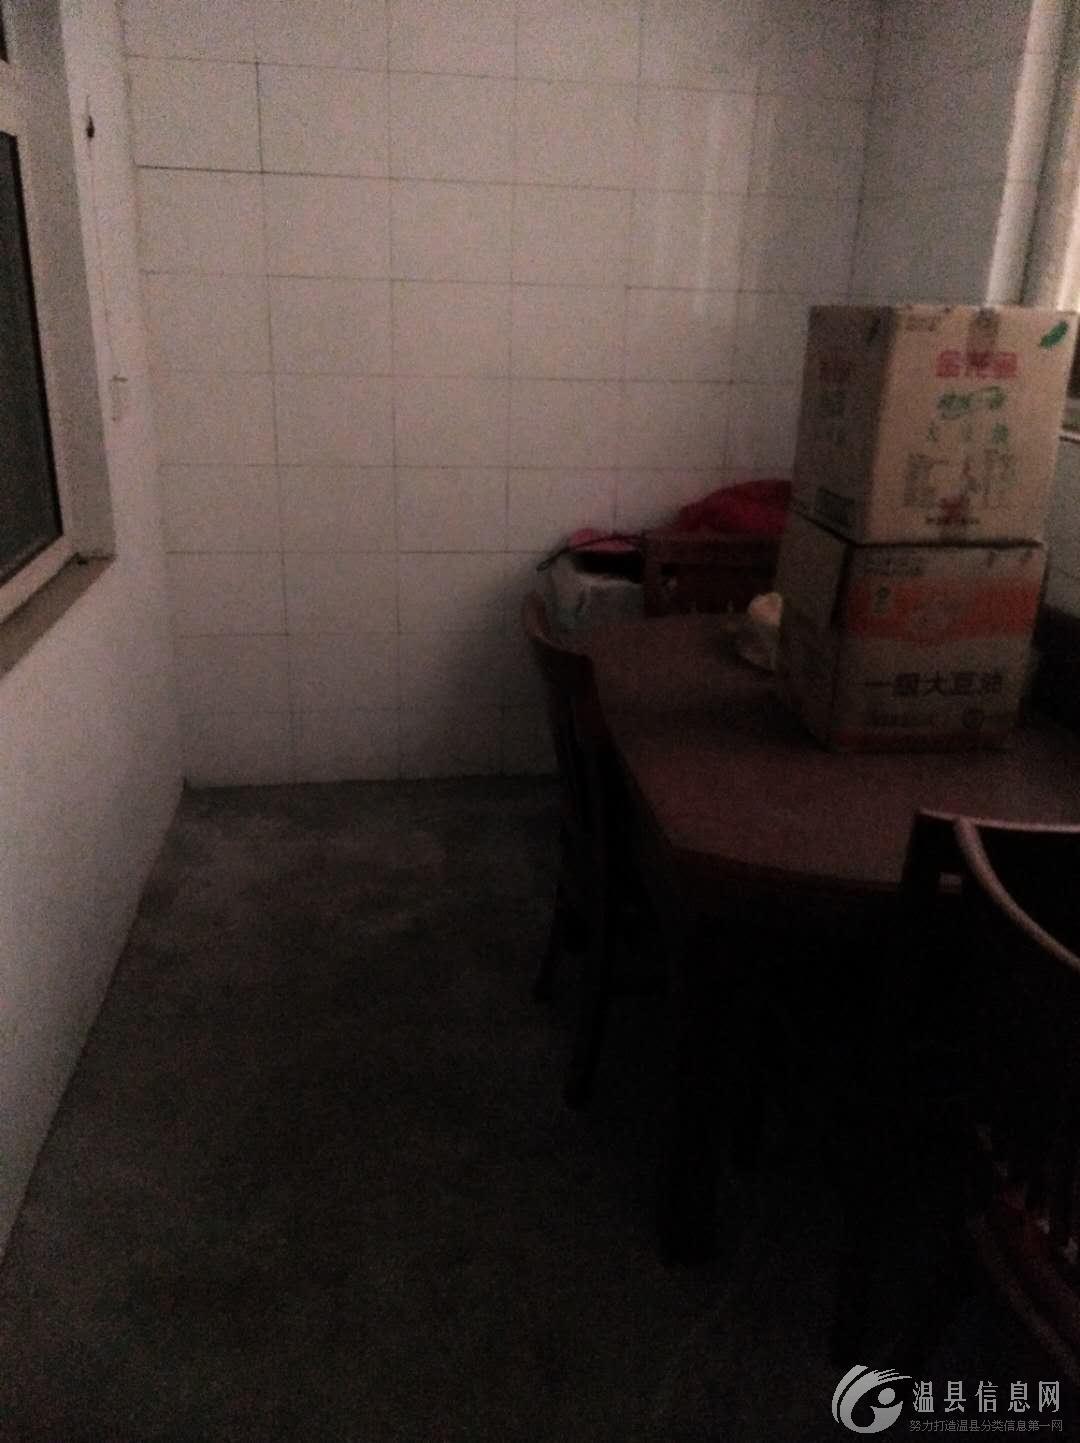 出售,三室一厅,100多平方,二手房外表有点旧(介意的勿扰)